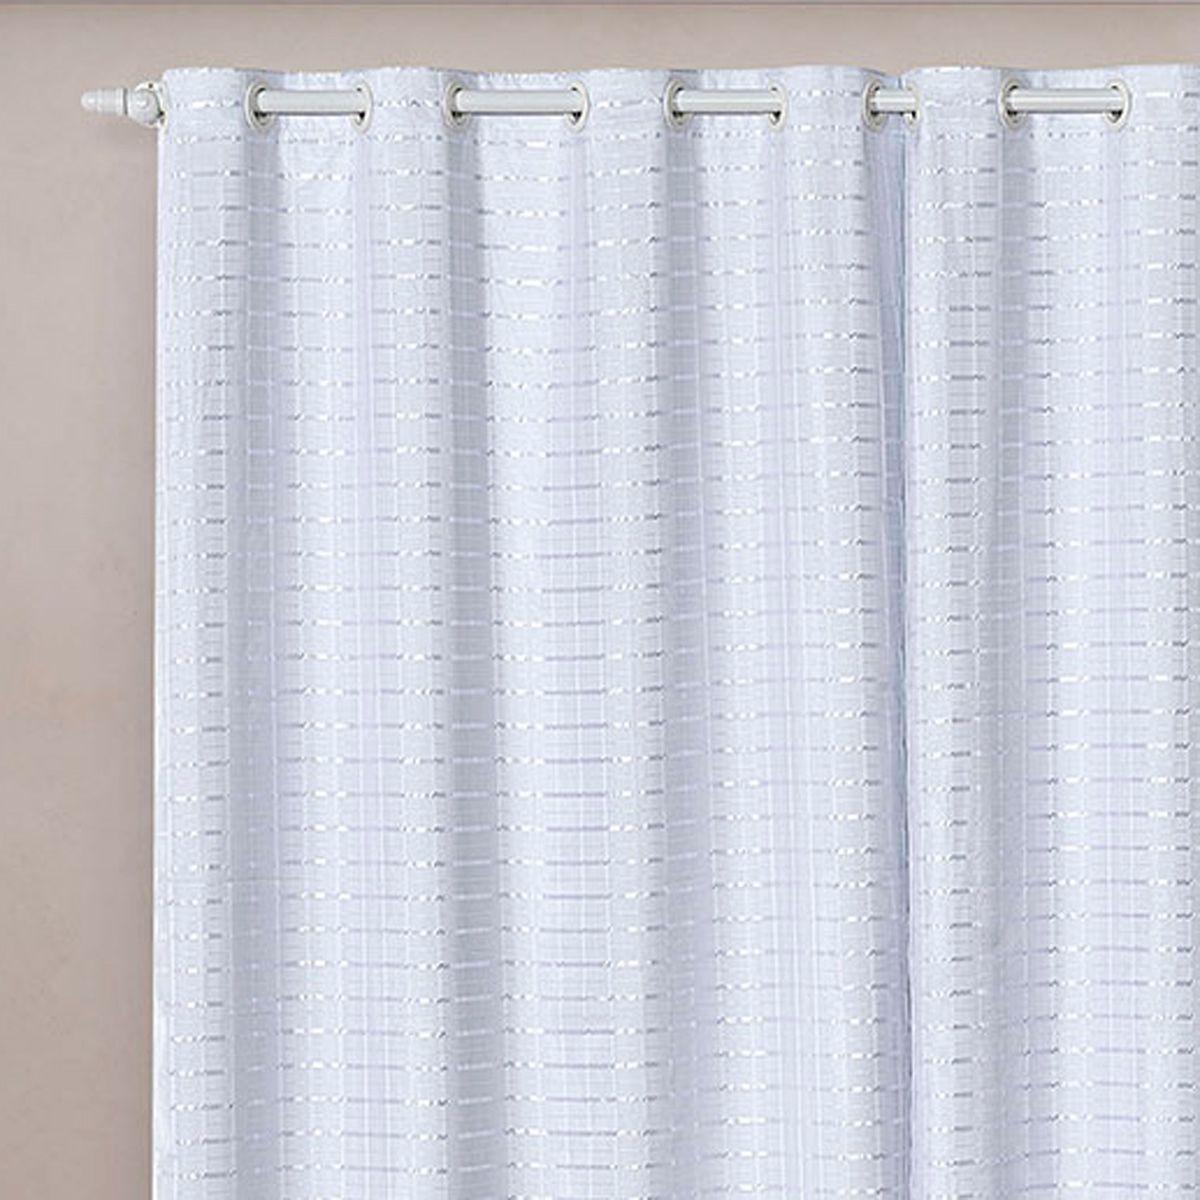 Cortina Blackout PVC c/ Voil Xadrez Branco Corta Luz 2,80m x 2,30m